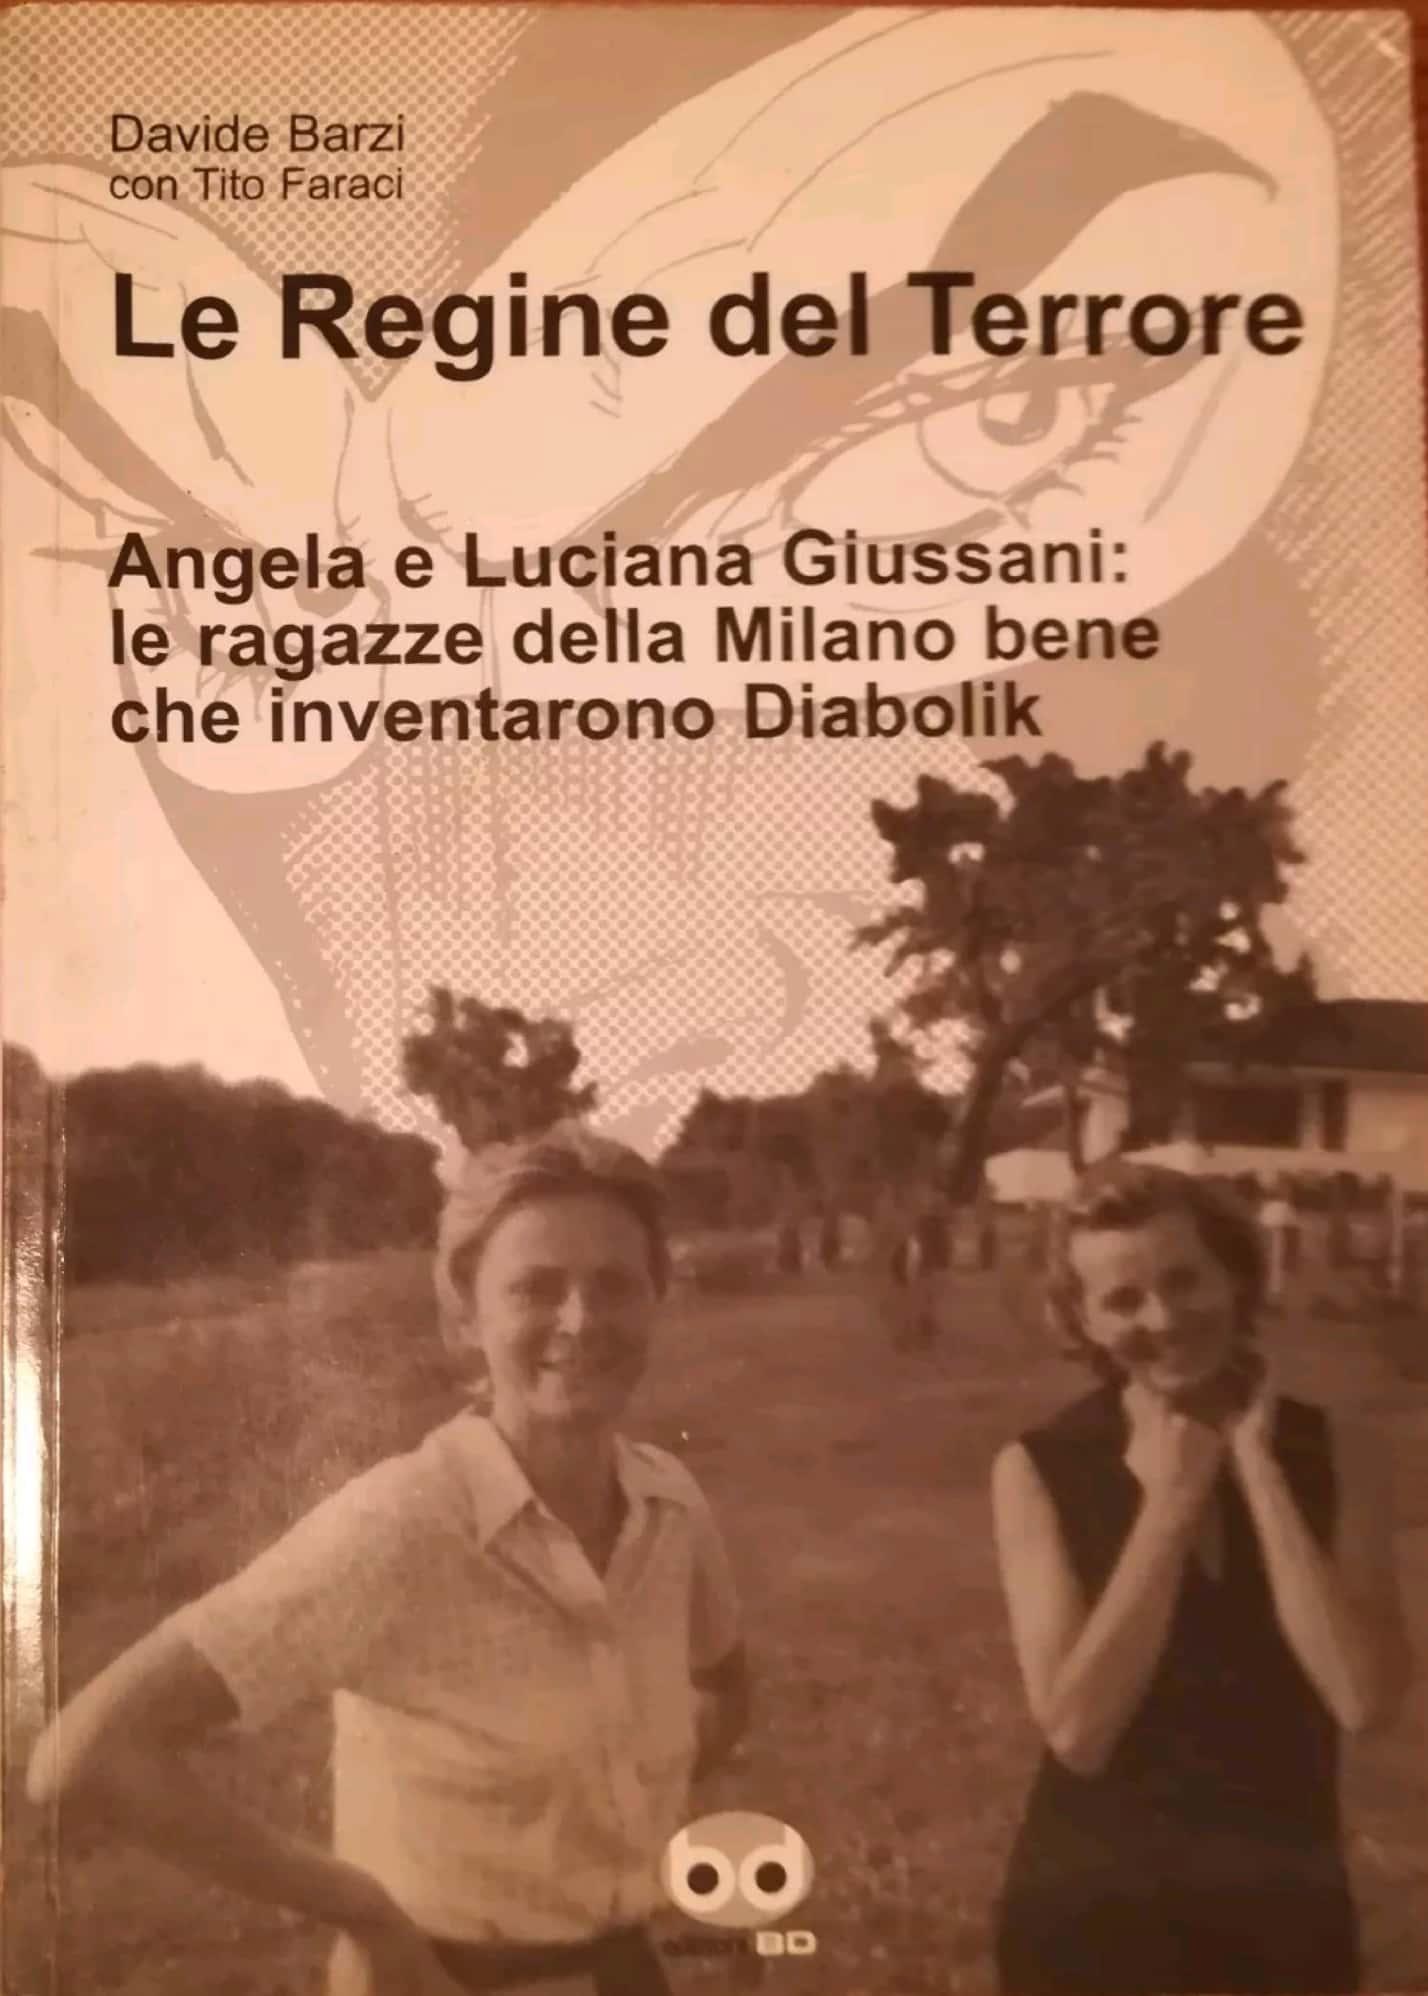 """…venduto su eBay """"Le regine del terrore"""" (le sorelle Giussani e Diabolik)"""